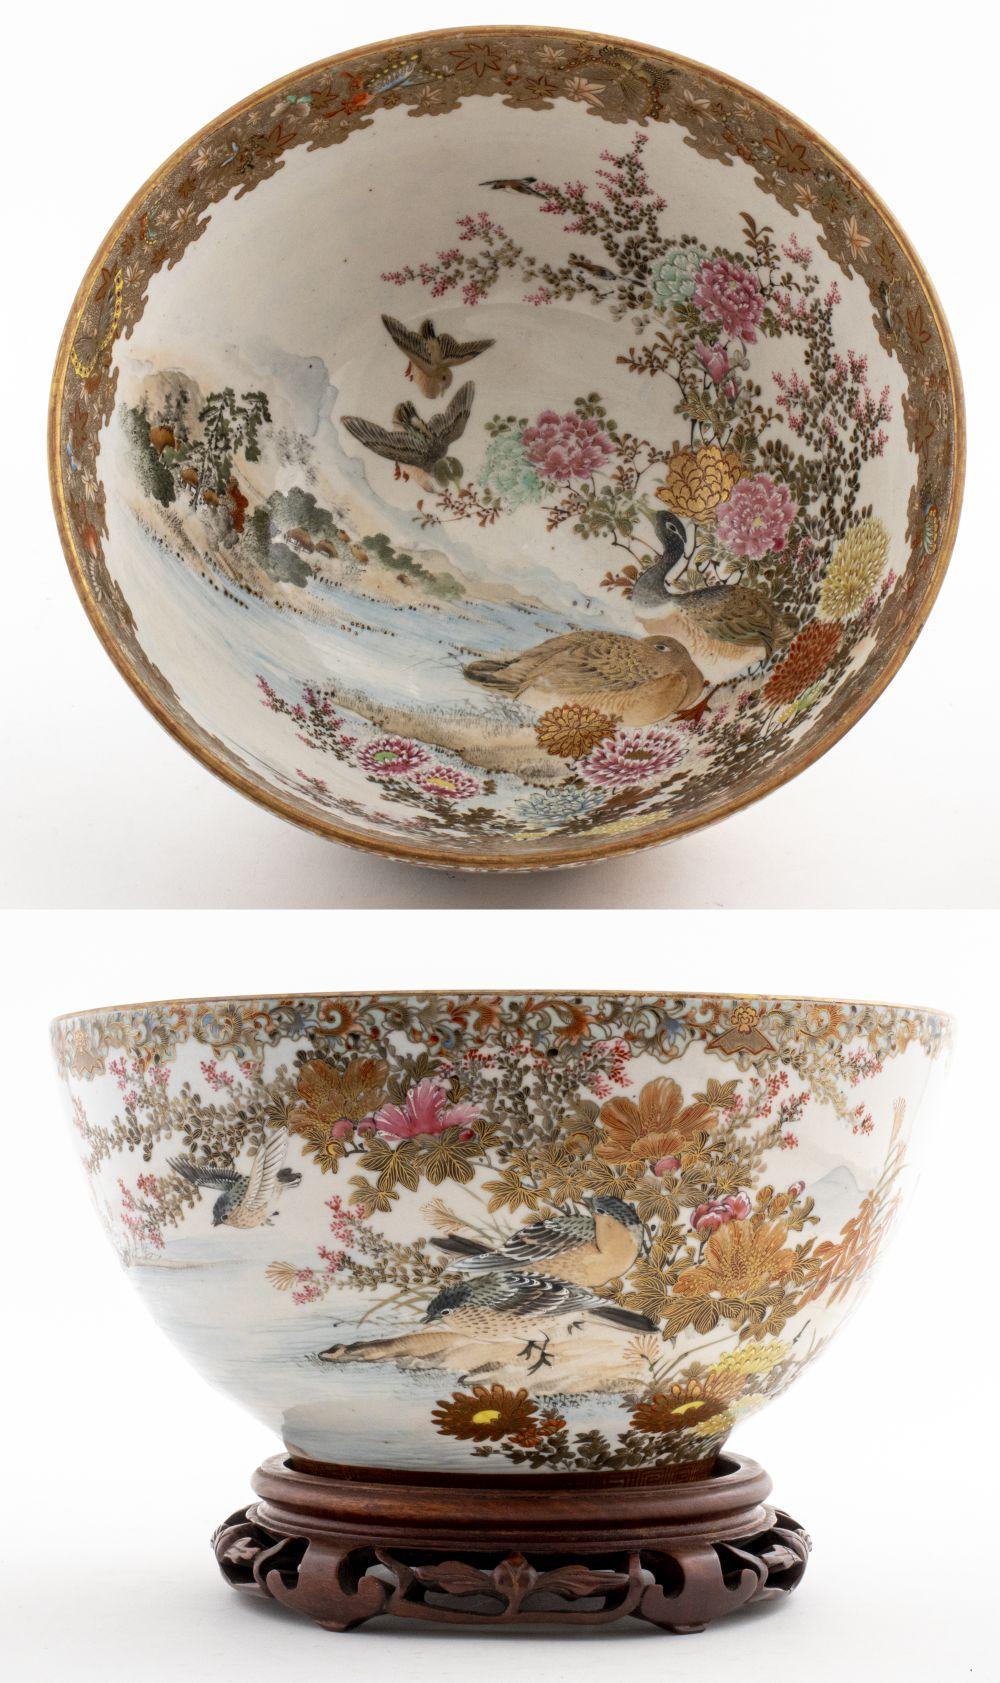 Japanese Meiji Satsuma Ceramic Bowl